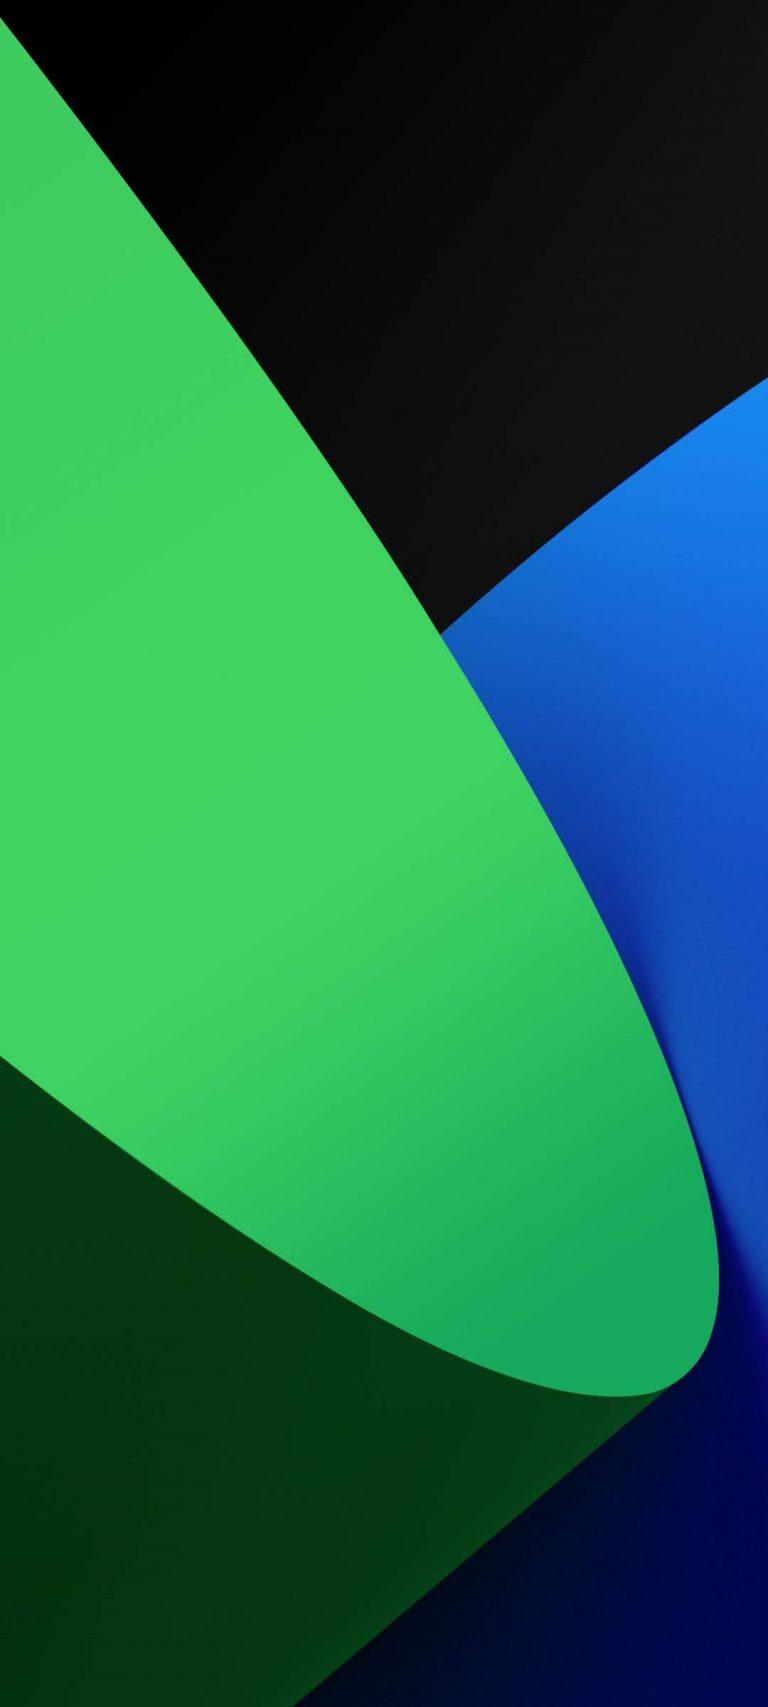 Realme X3 SuperZoom Stock Wallpaper [1080x2400] - 12